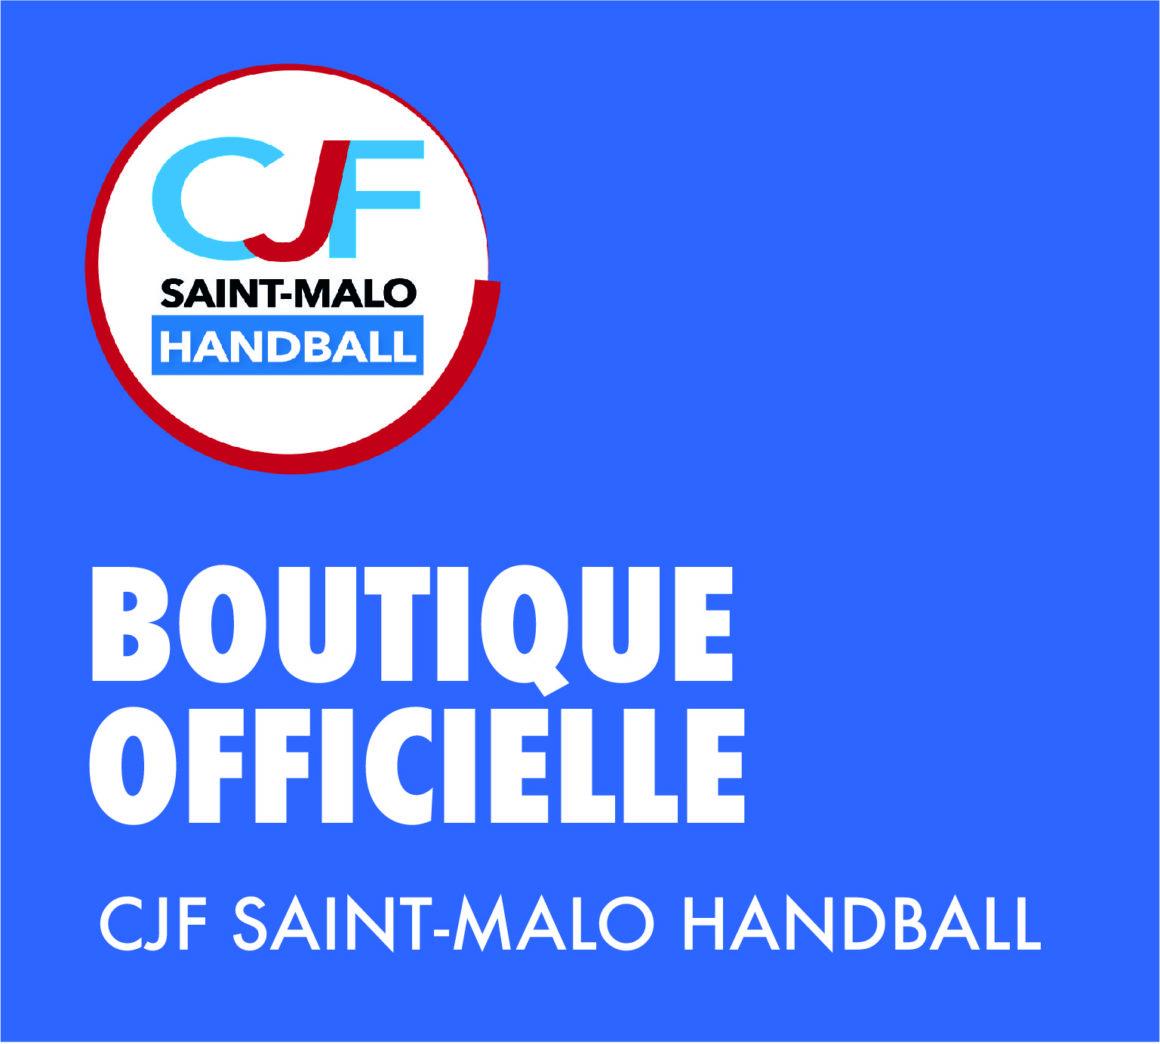 NOUVEAUTÉ : Le CJF Saint-Malo Handball présente… SA BOUTIQUE OFFICIELLE !!!